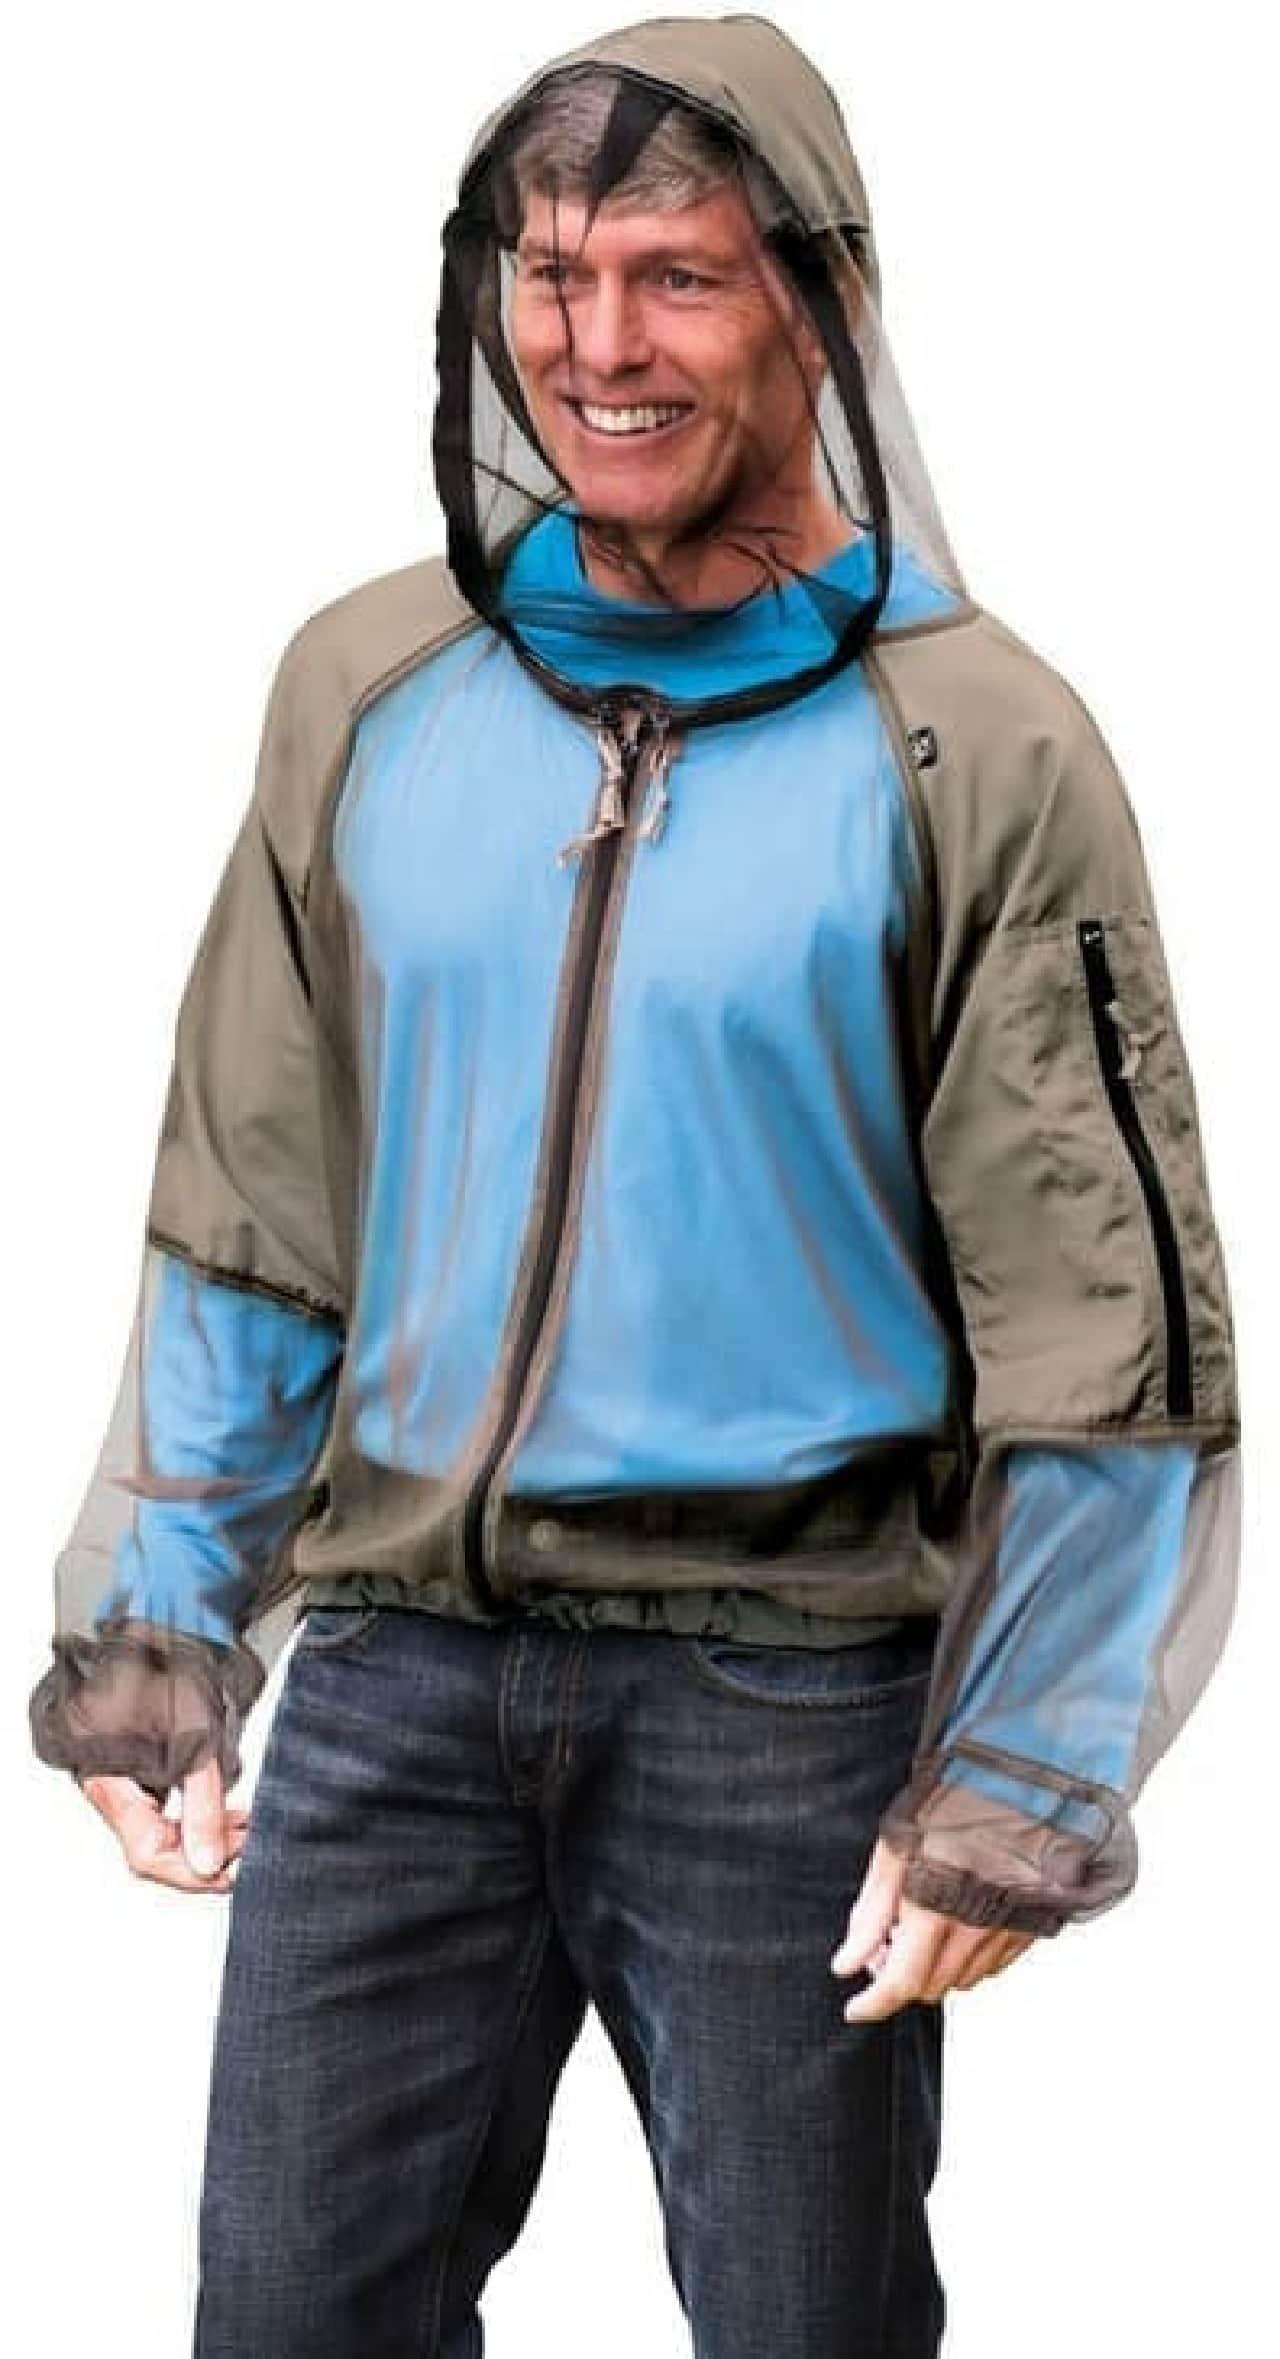 デング熱対策になる(?)かもしれない「Hooded Zip Up Mosquito Jacket」